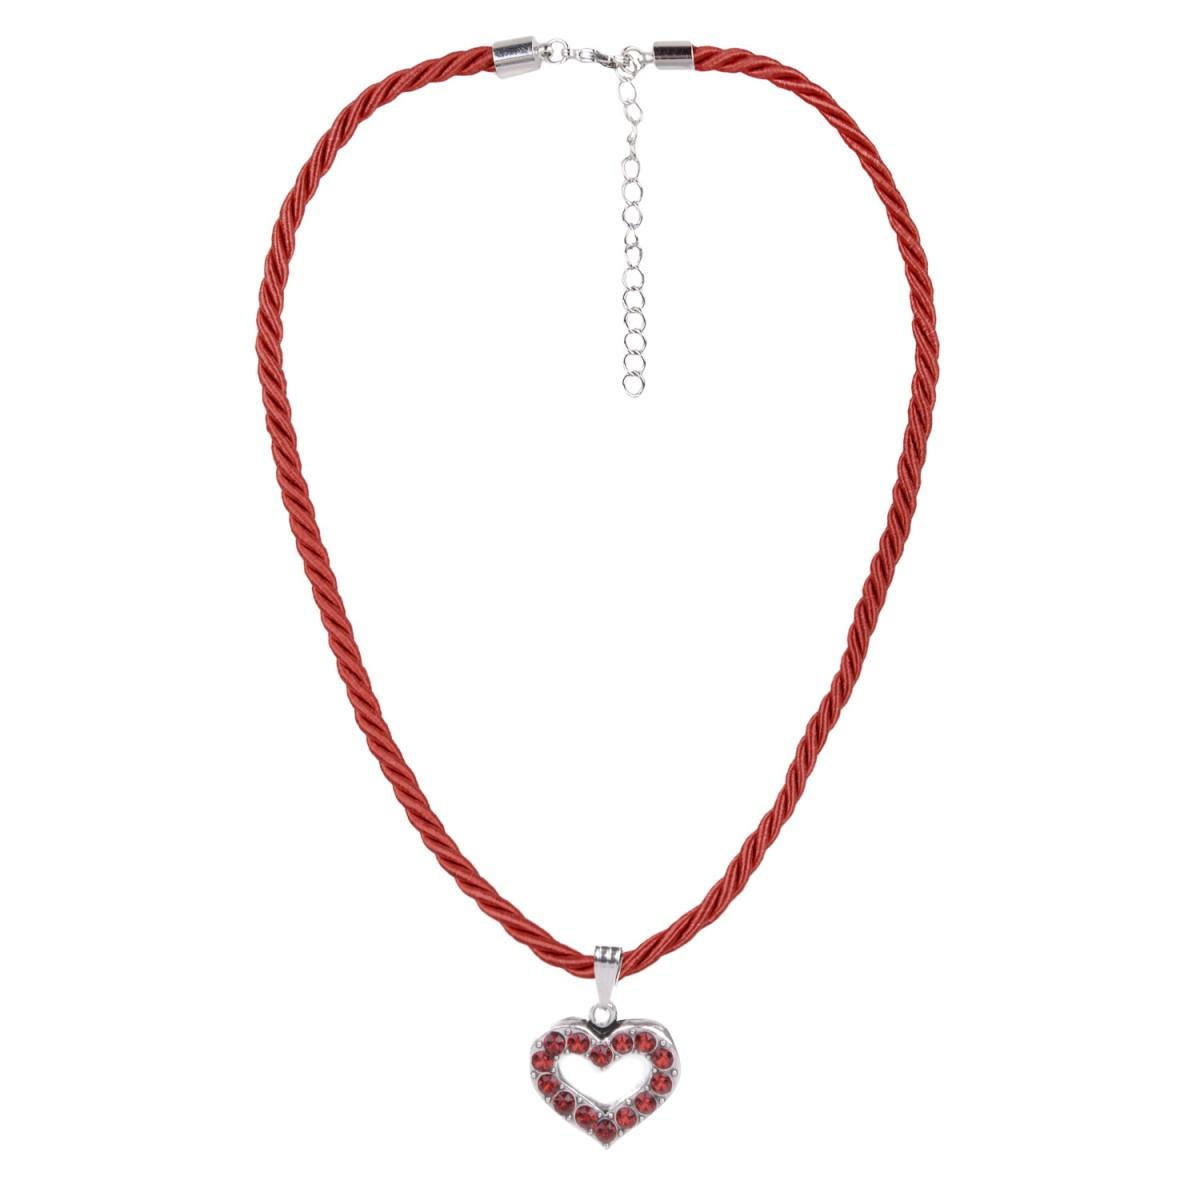 Halskette in Weinrot mit Herzanhänger von Schlick Accessoires günstig online kaufen